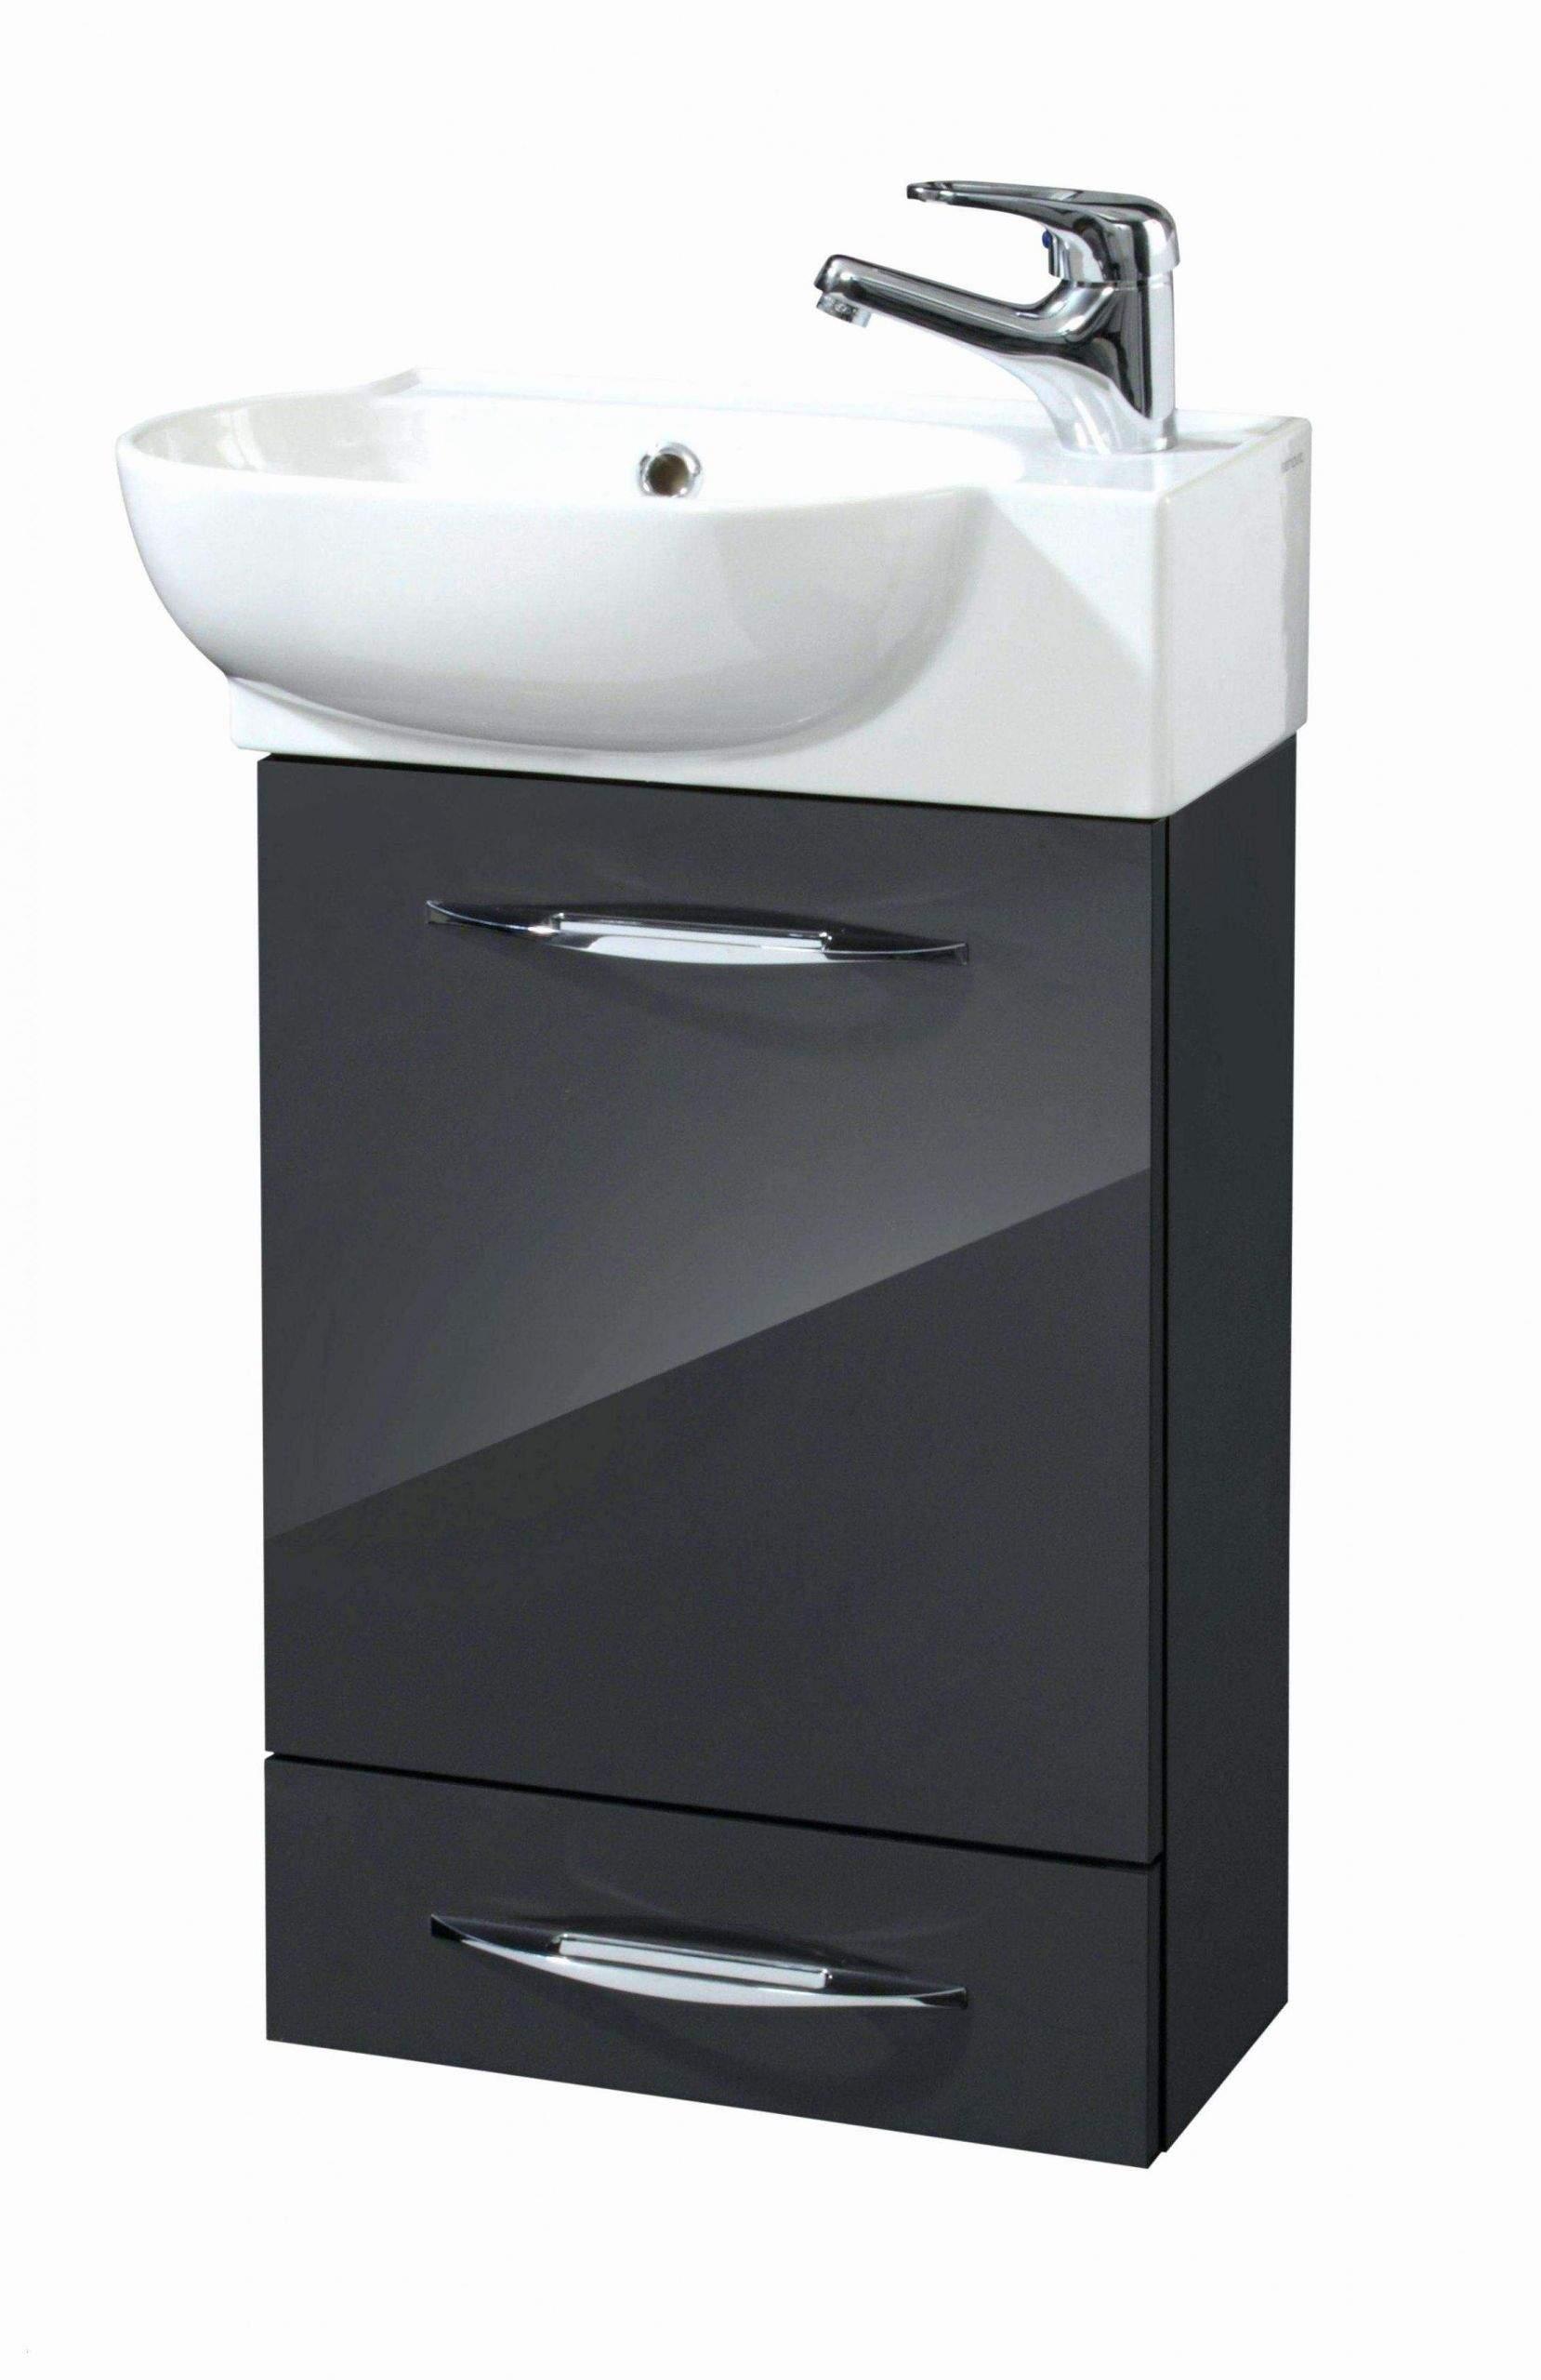 garten wc selber bauen inspirierend toilette mit waschbecken temobardz home blog of garten wc selber bauen 1 scaled